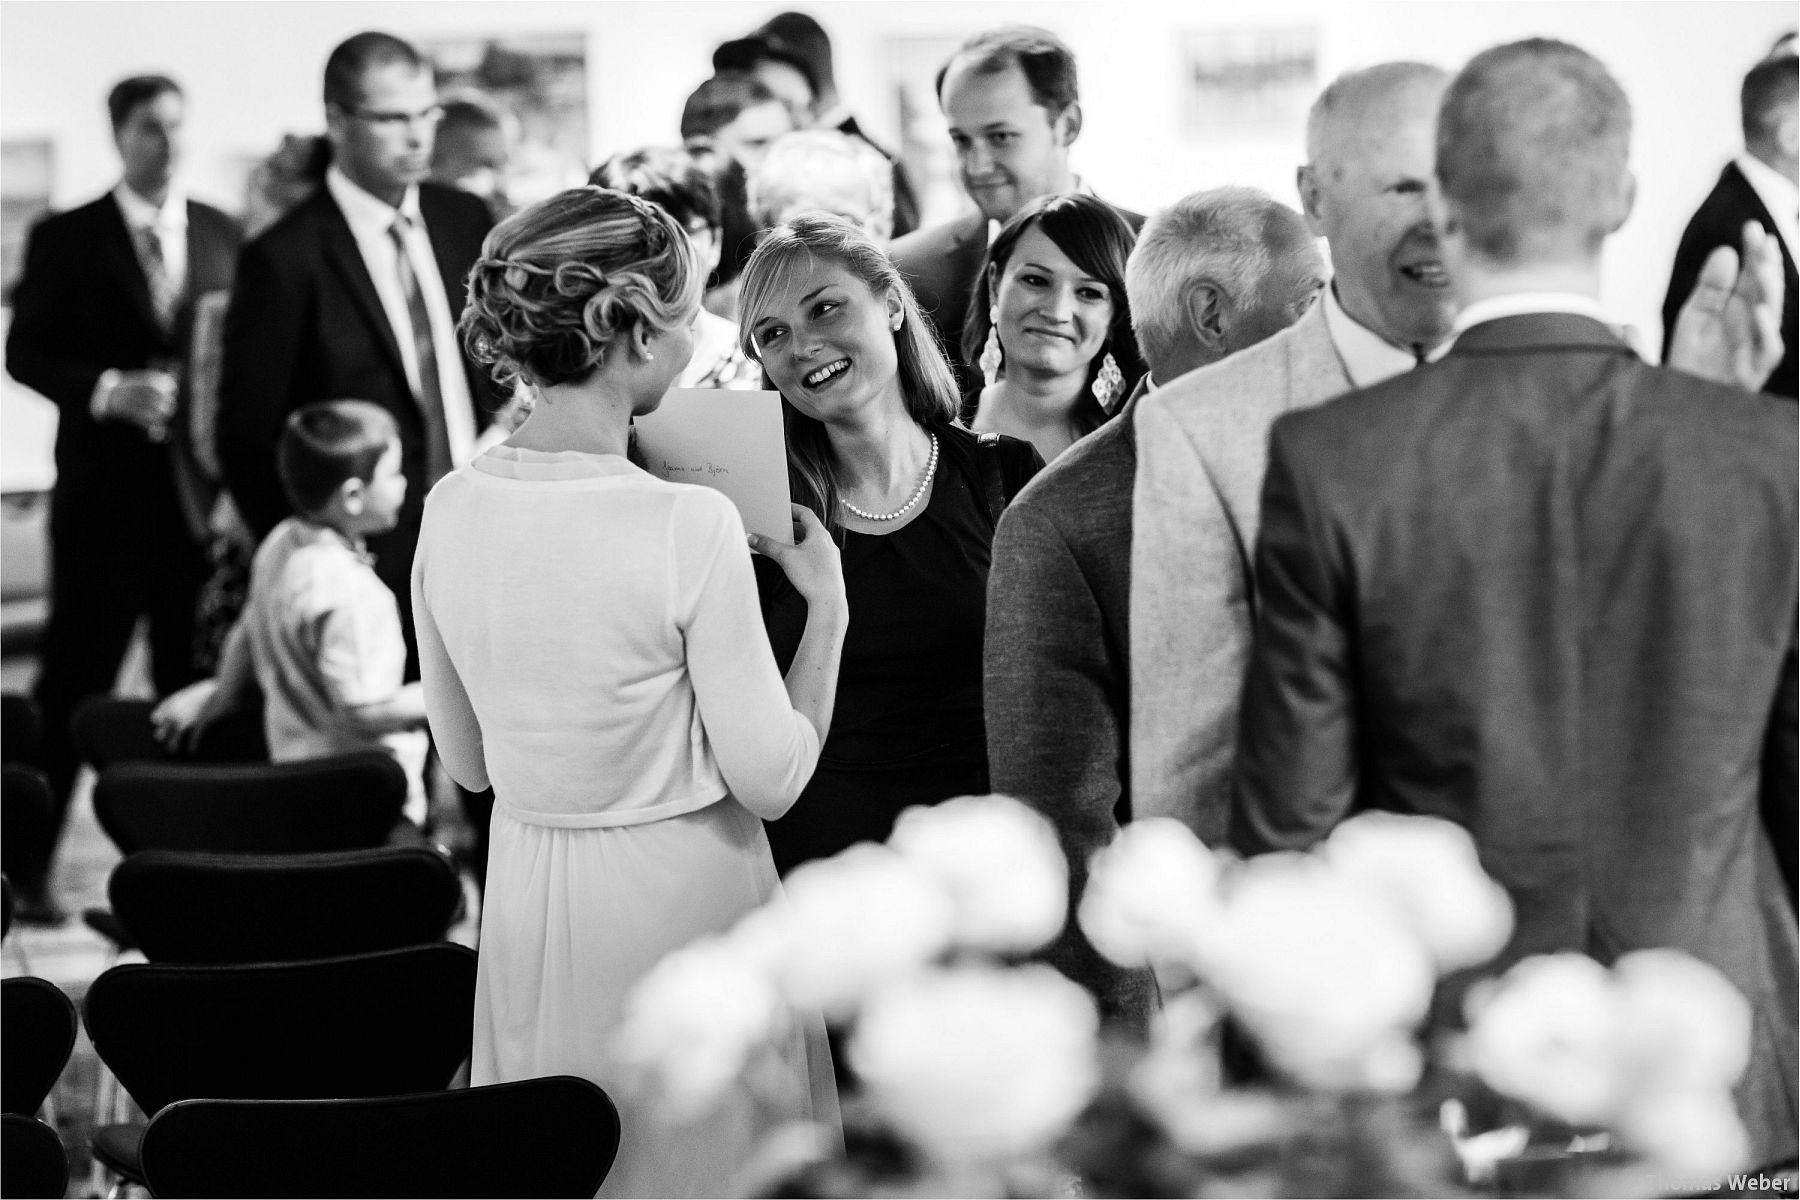 Hochzeitsfotograf Papenburg: Standesamtliche Trauung auf der Burg Kniphausen und Feier im Le Patron am Meer (15)